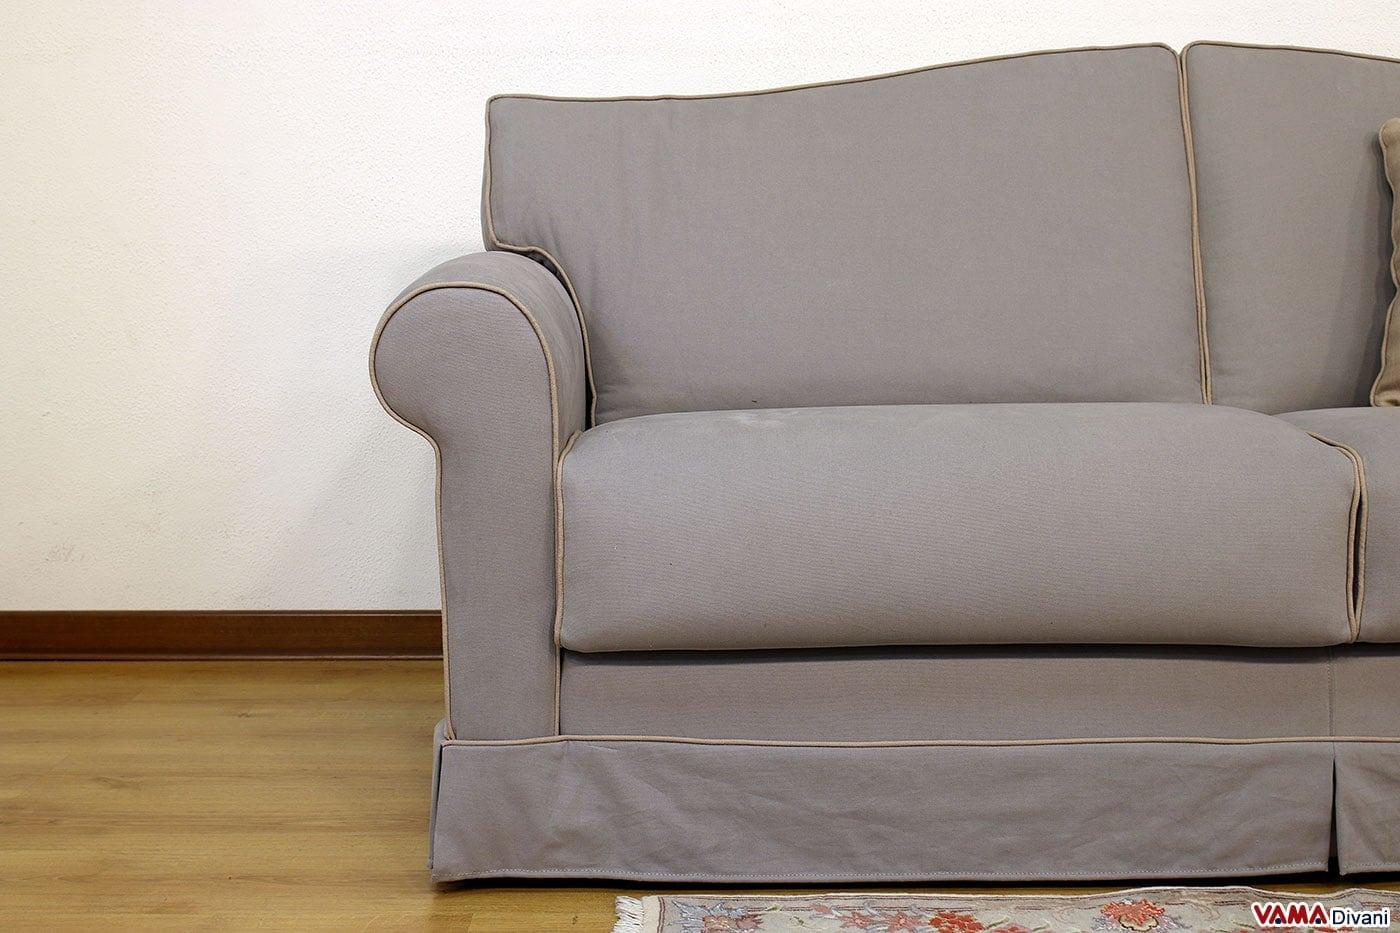 Cuscini per trasformare letto divano - Trasformare letto in divano ...